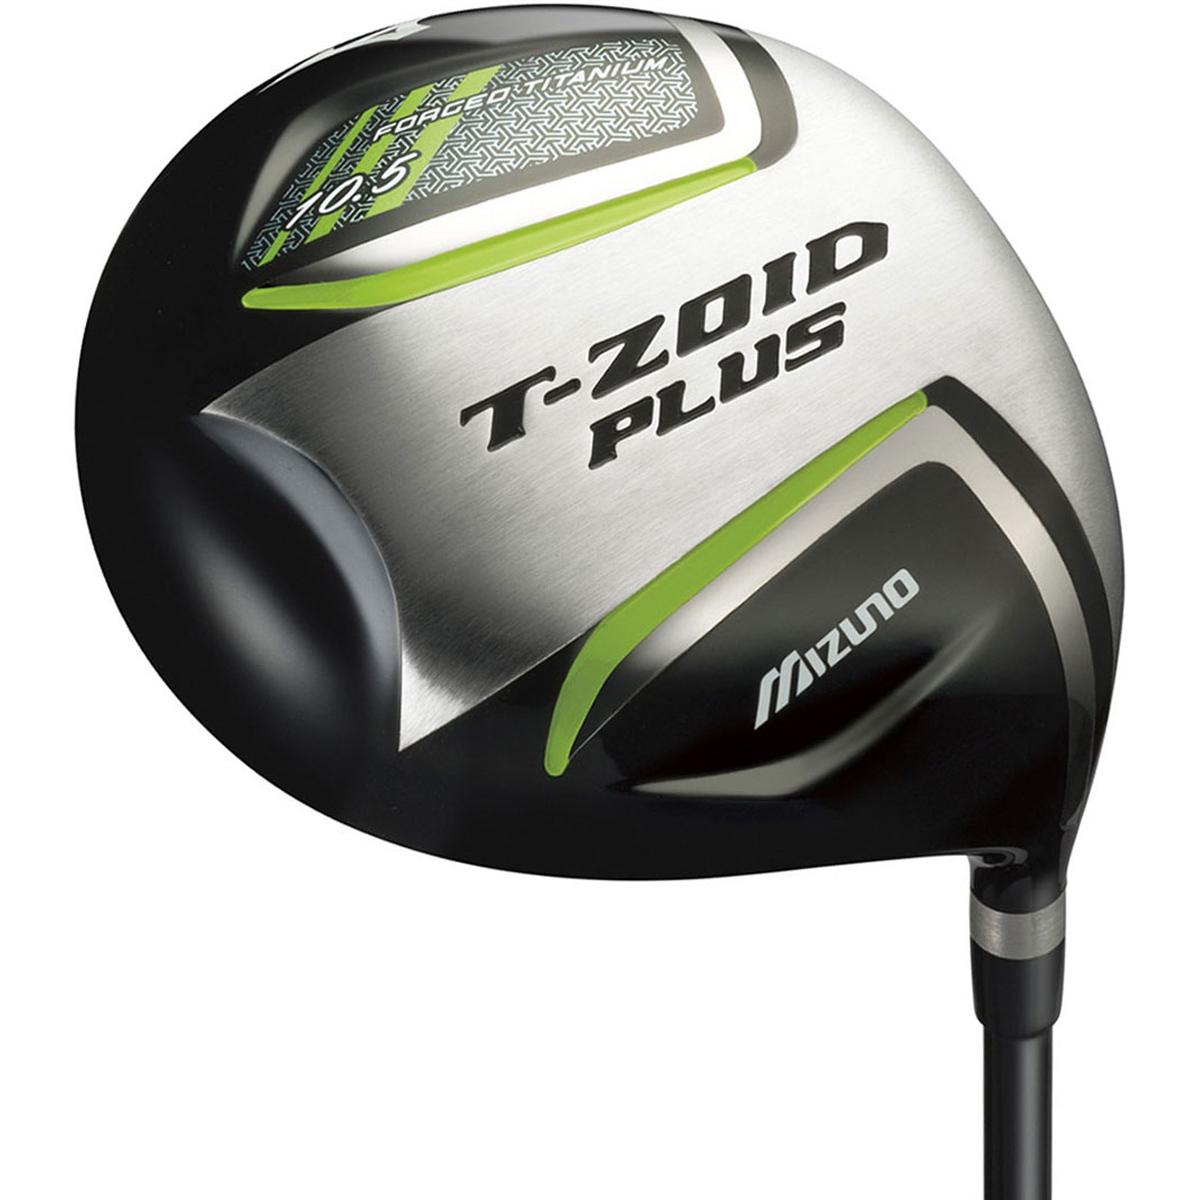 T-ZOID PLUS ドライバー 2016 T-ZOID PLUSオリジナルカーボンシャフト